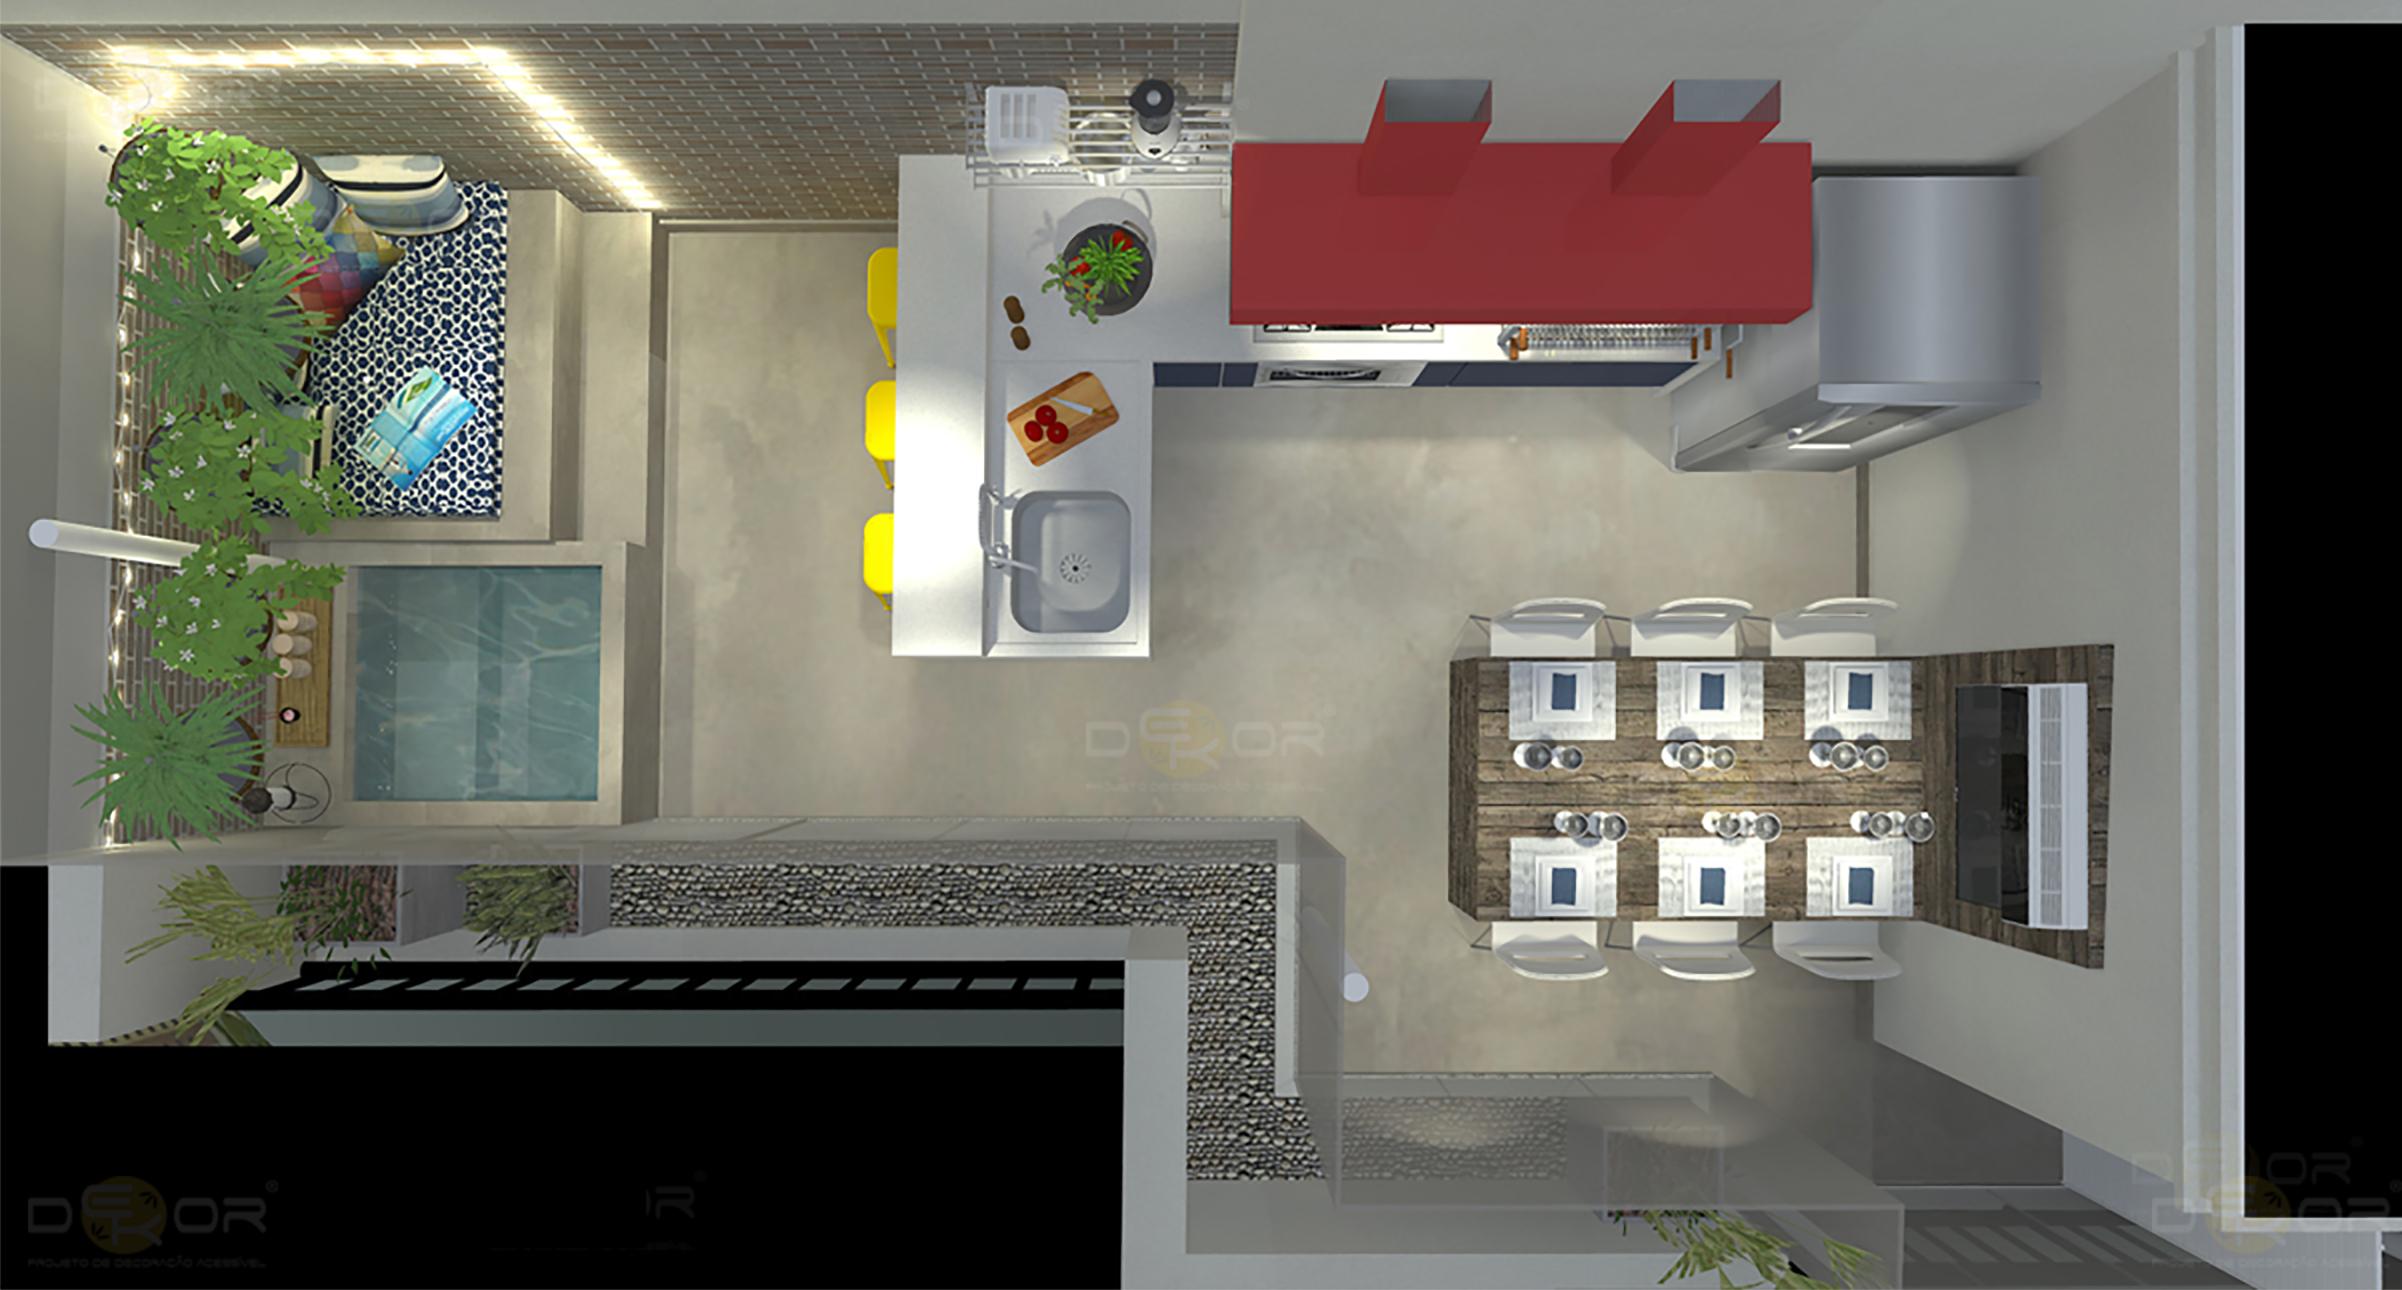 Projeto de Cozinha – Decoração Online – #21 Erika Karpuk #793535 2402 1290